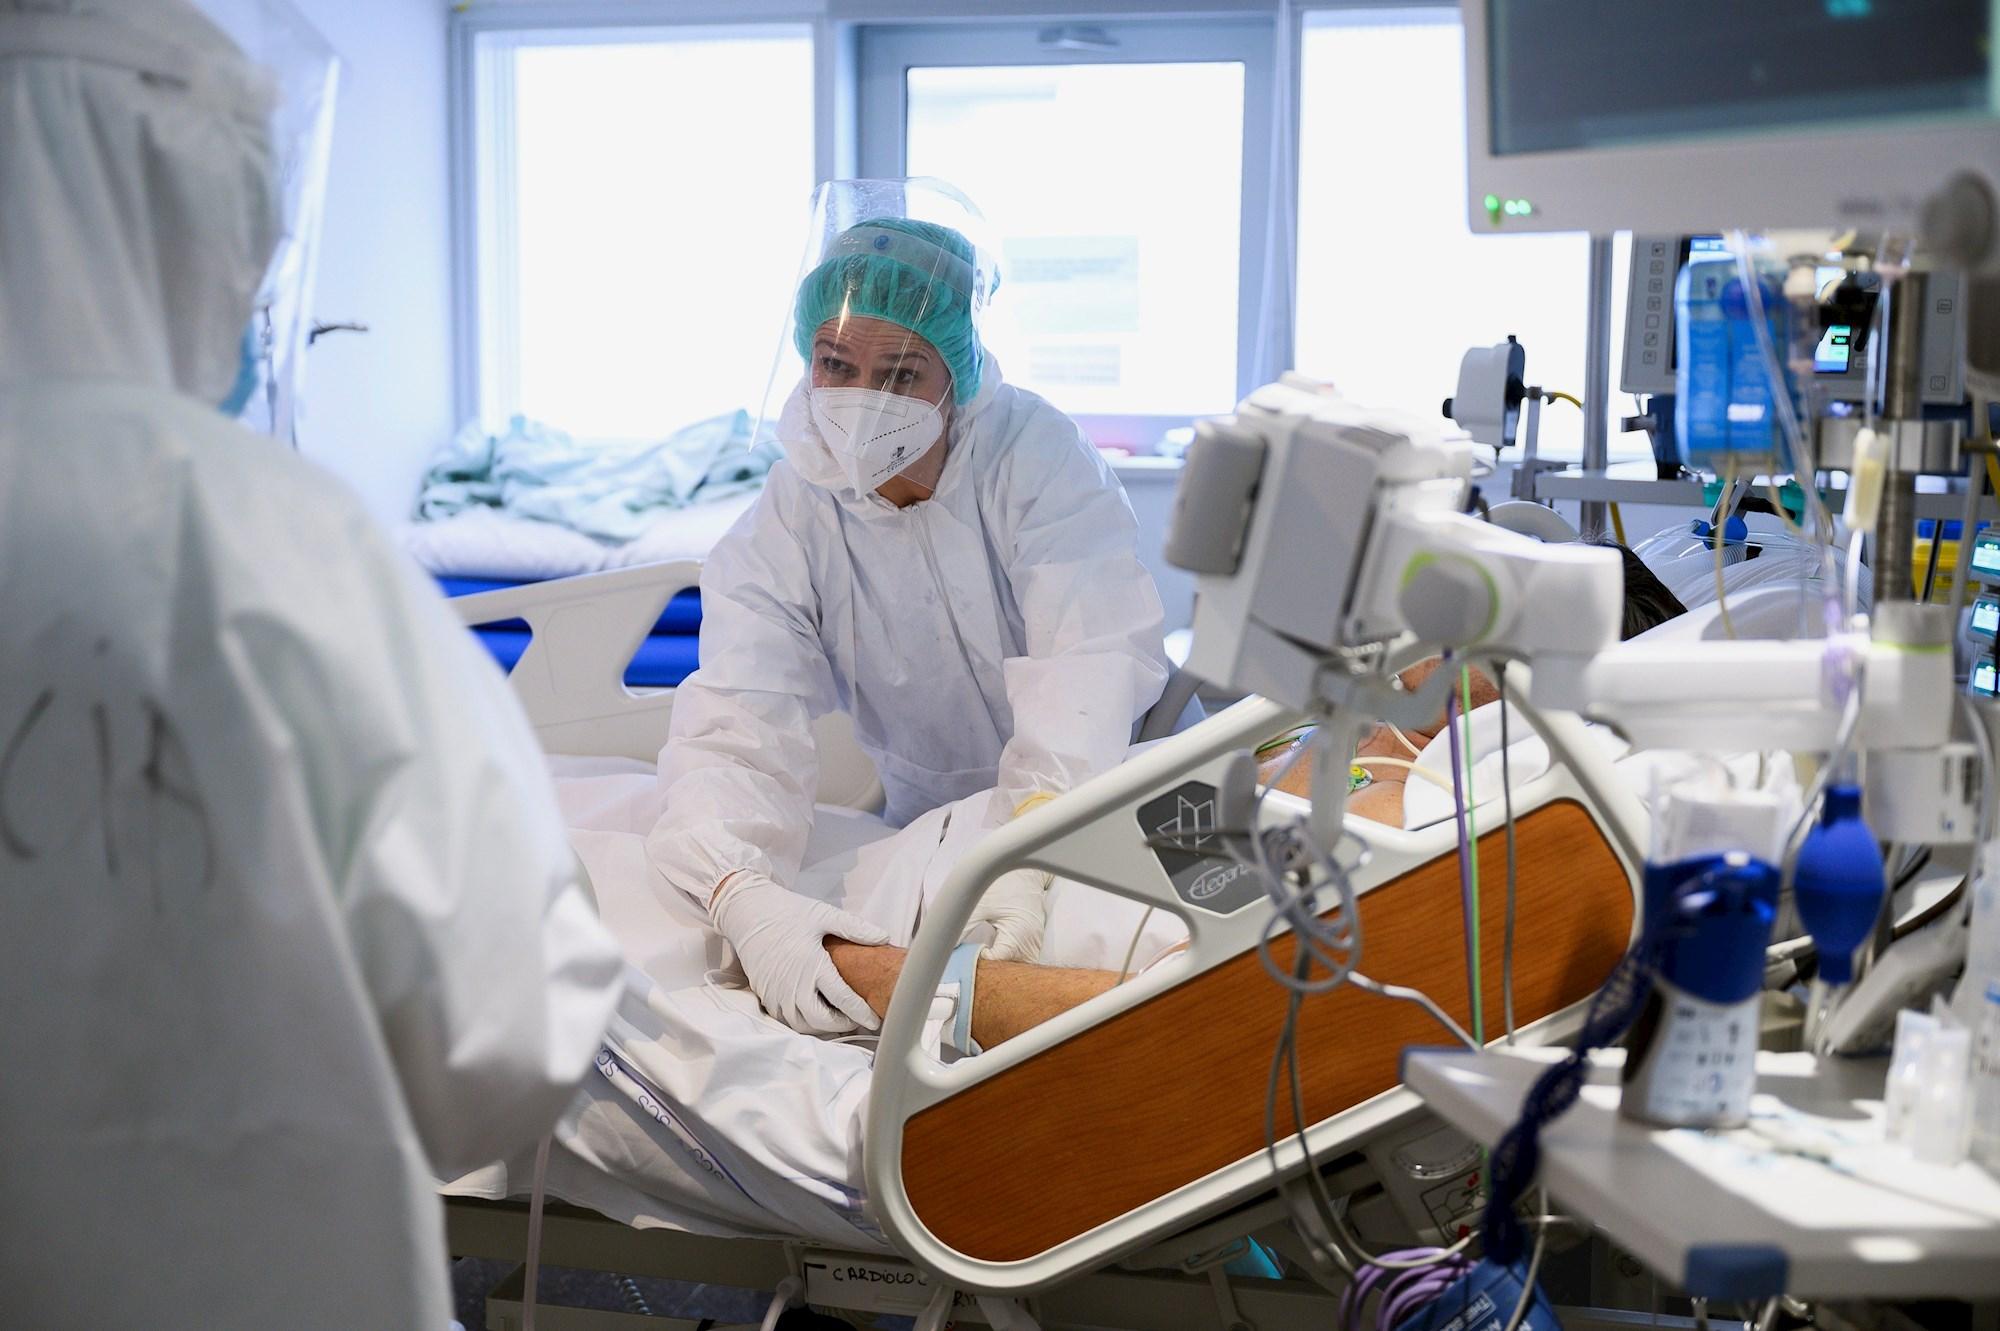 El personal sanitario atiende a un paciente con coronavirus en una de las UCI-Covid